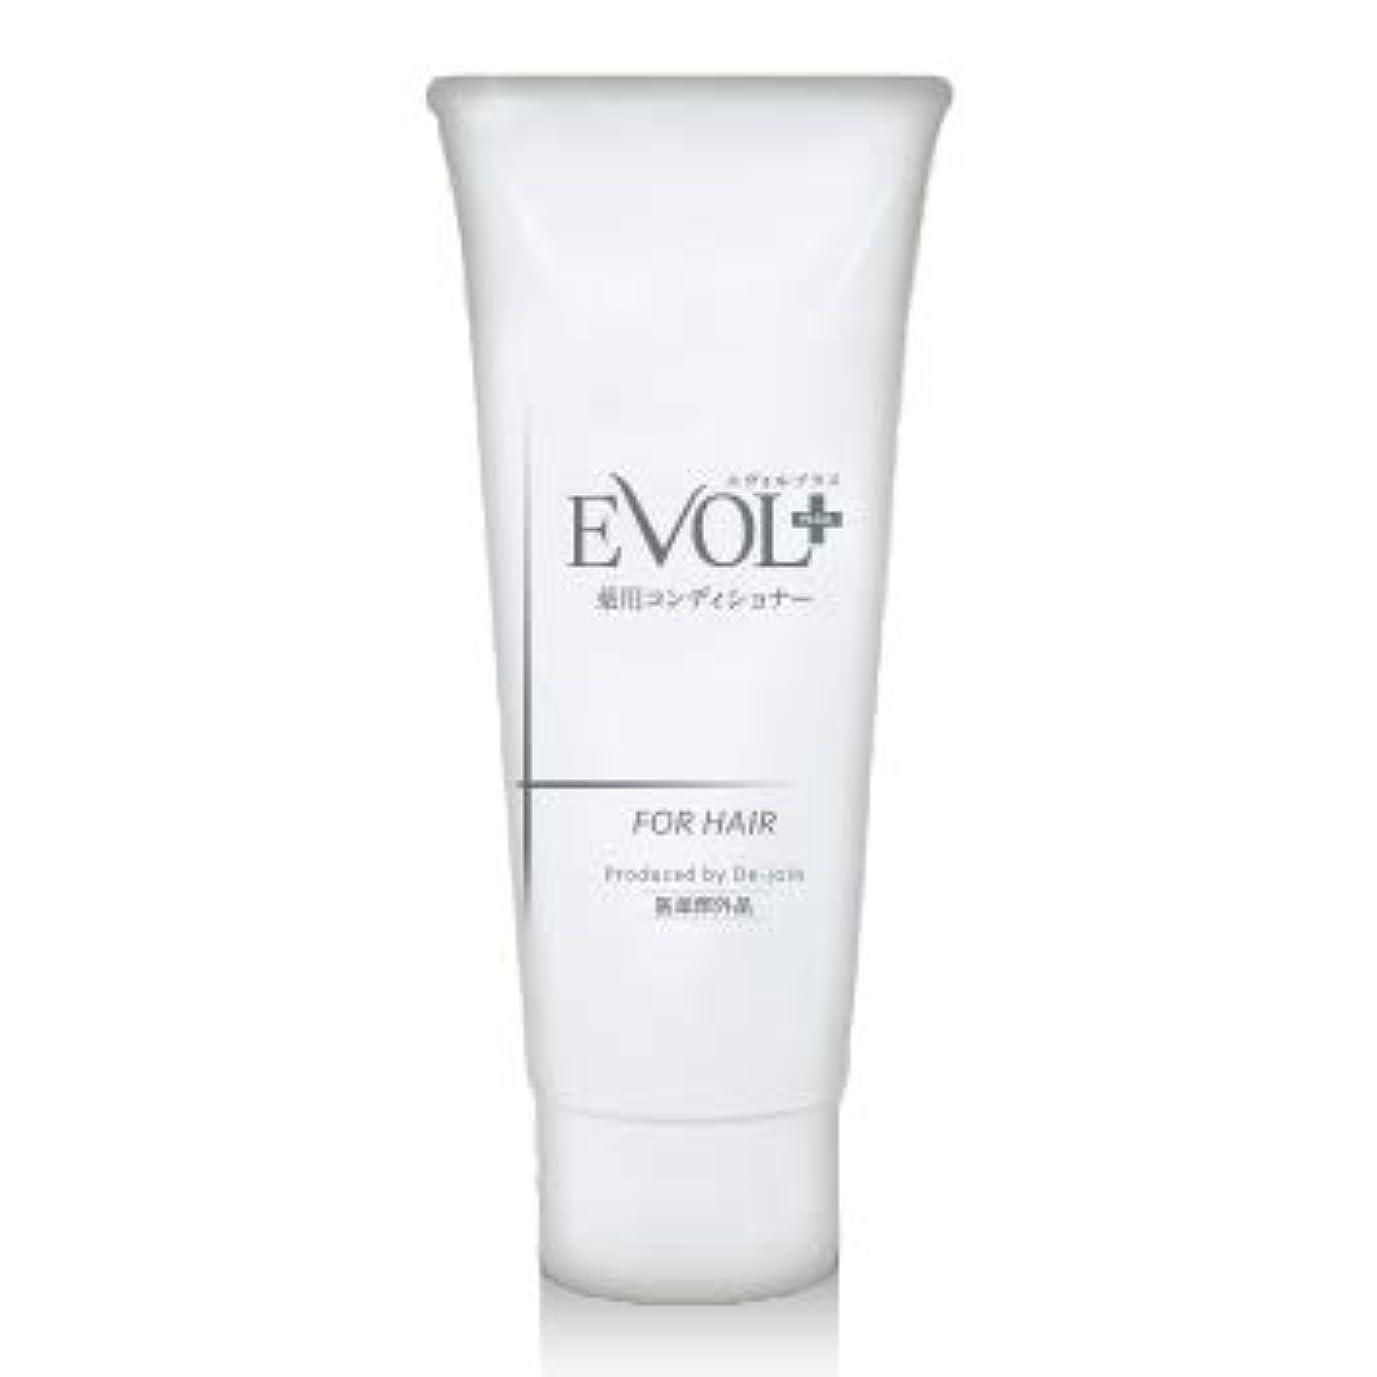 絶対のジュニア風変わりなEVOL+(エヴォルプラス)薬用育毛コンディショナー お得なコース